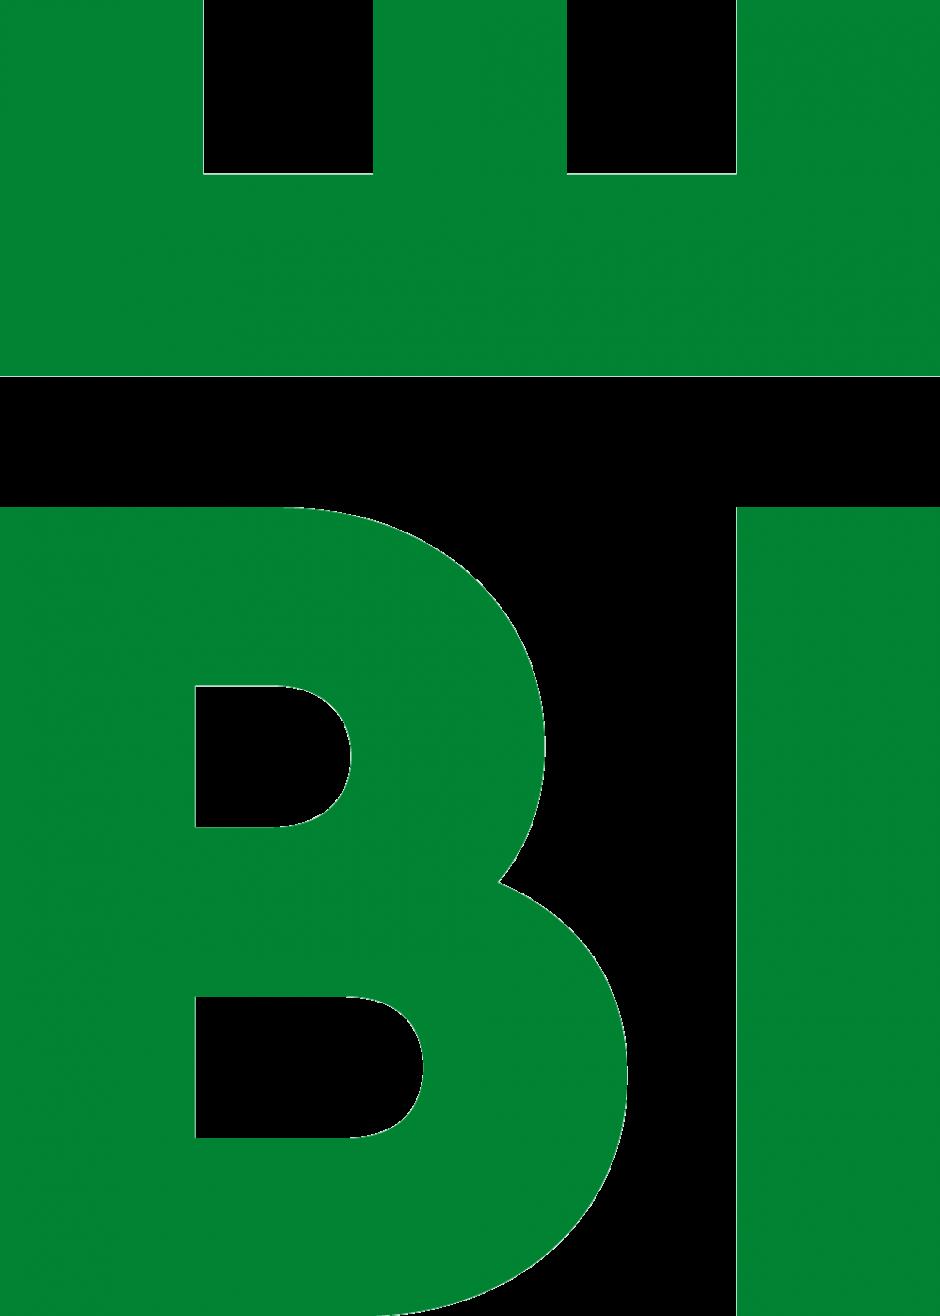 Logovariante dunkelgrün